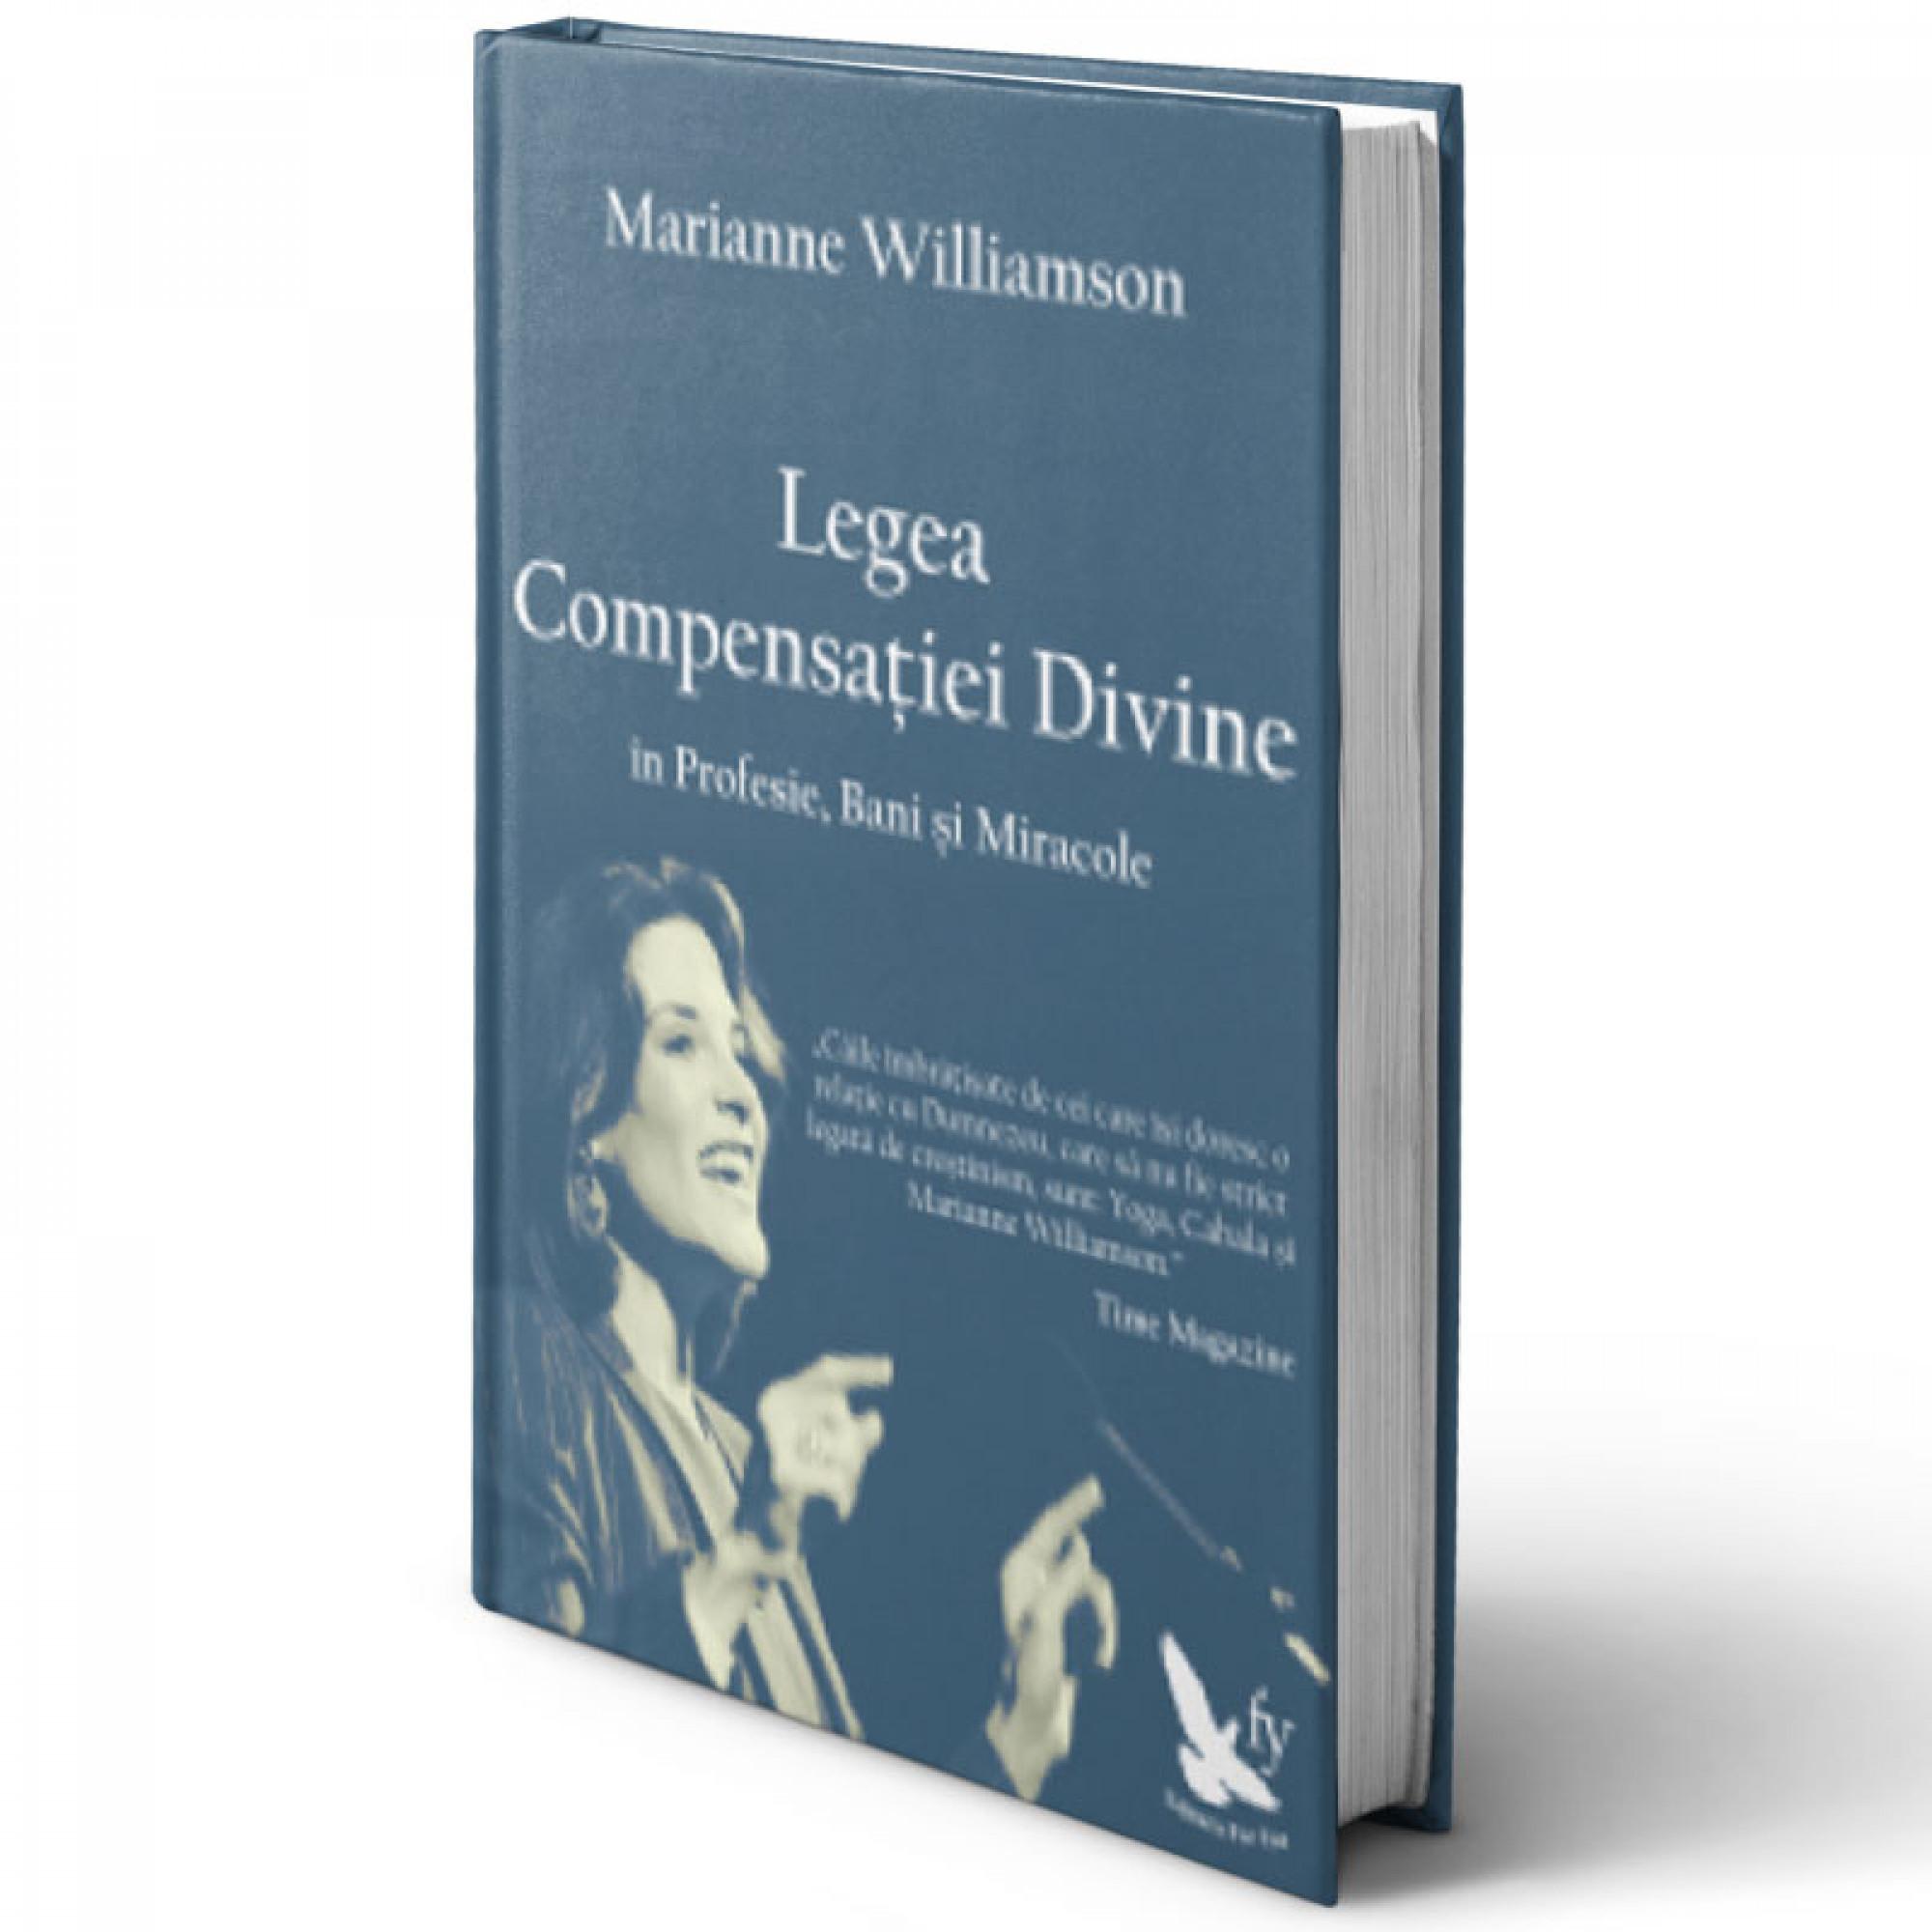 Legea compensației divine în Profesie, Bani și Miracole